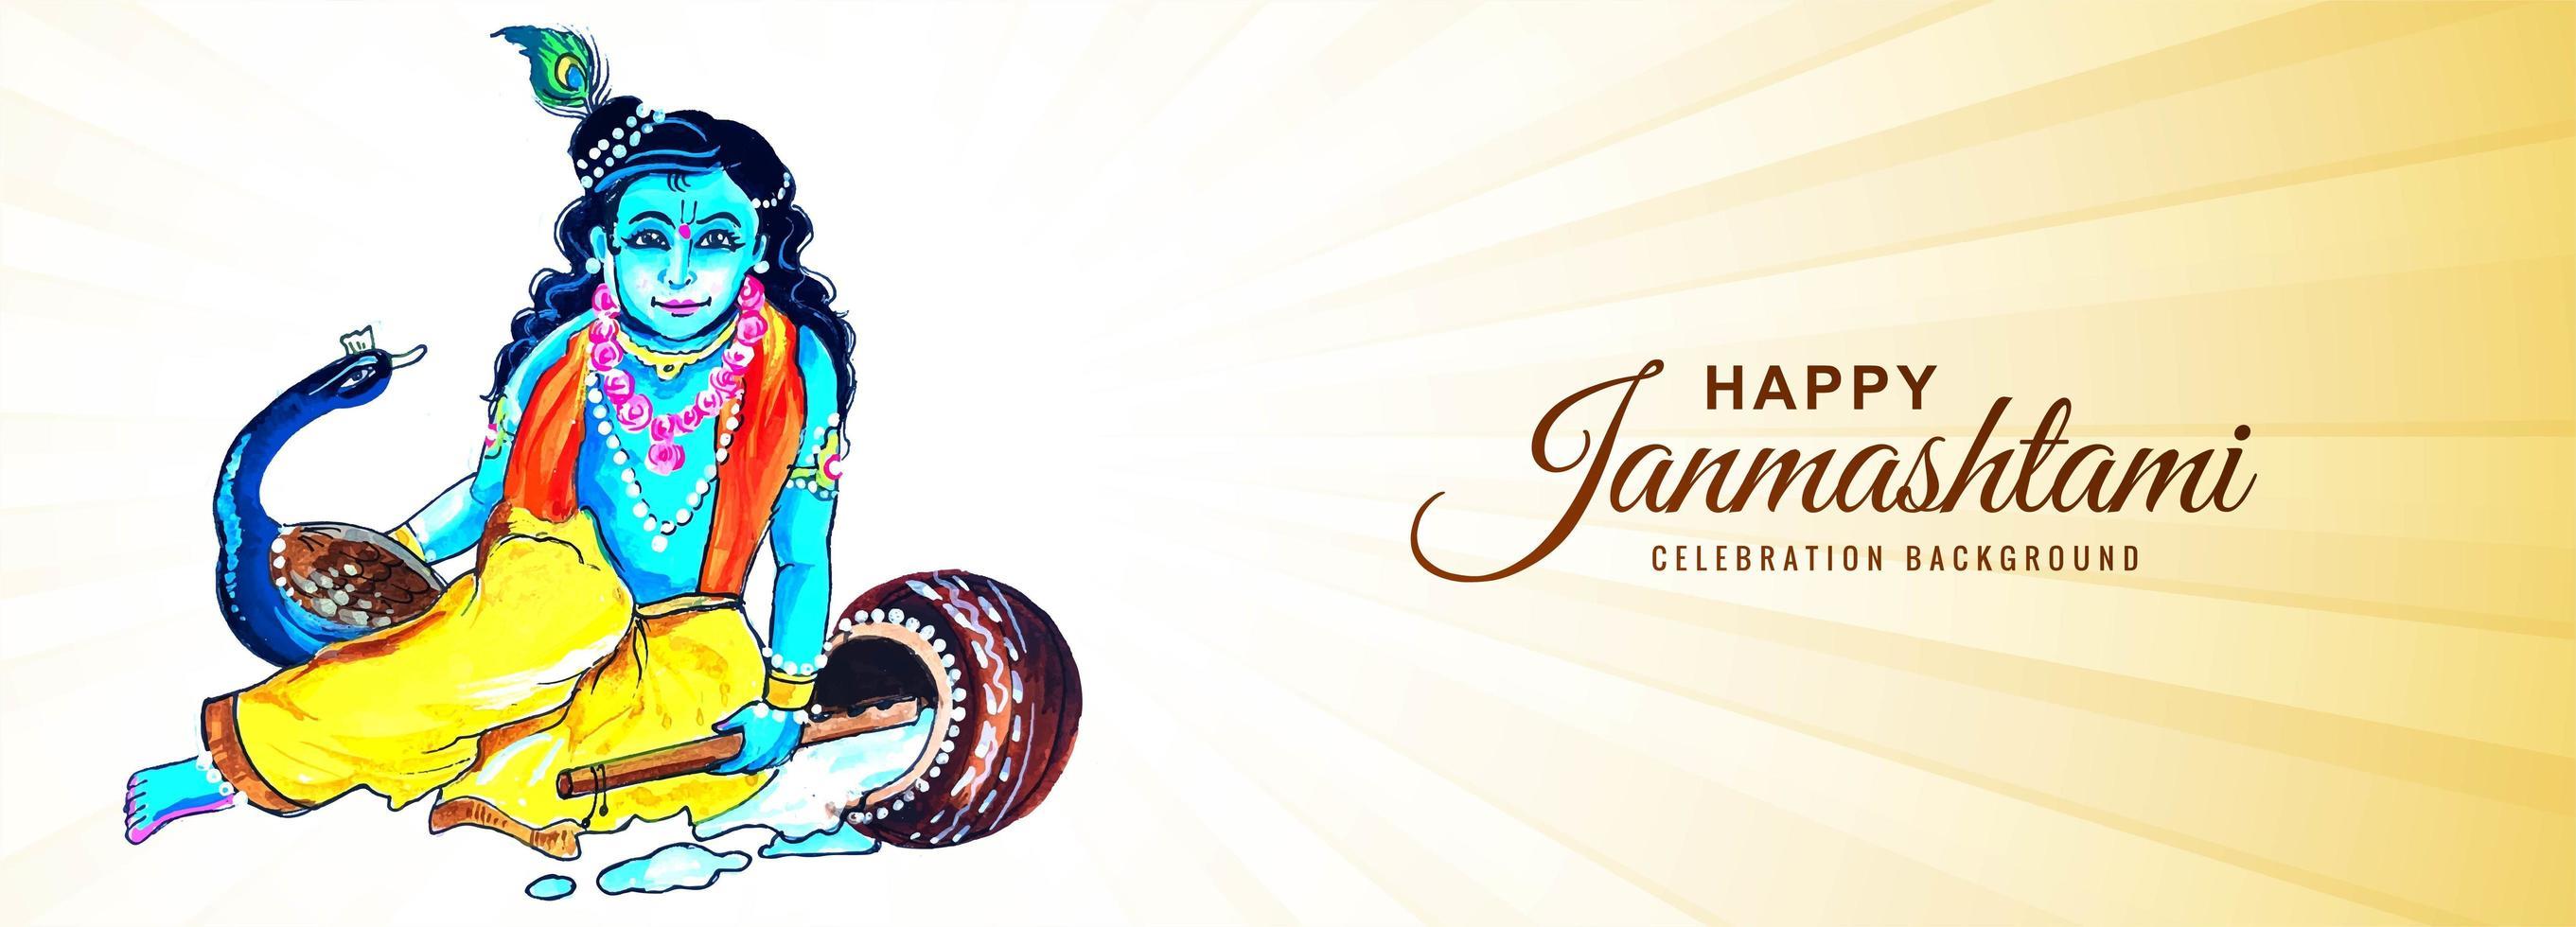 heer krishna zittend met pauw janmashtami banner achtergrond vector